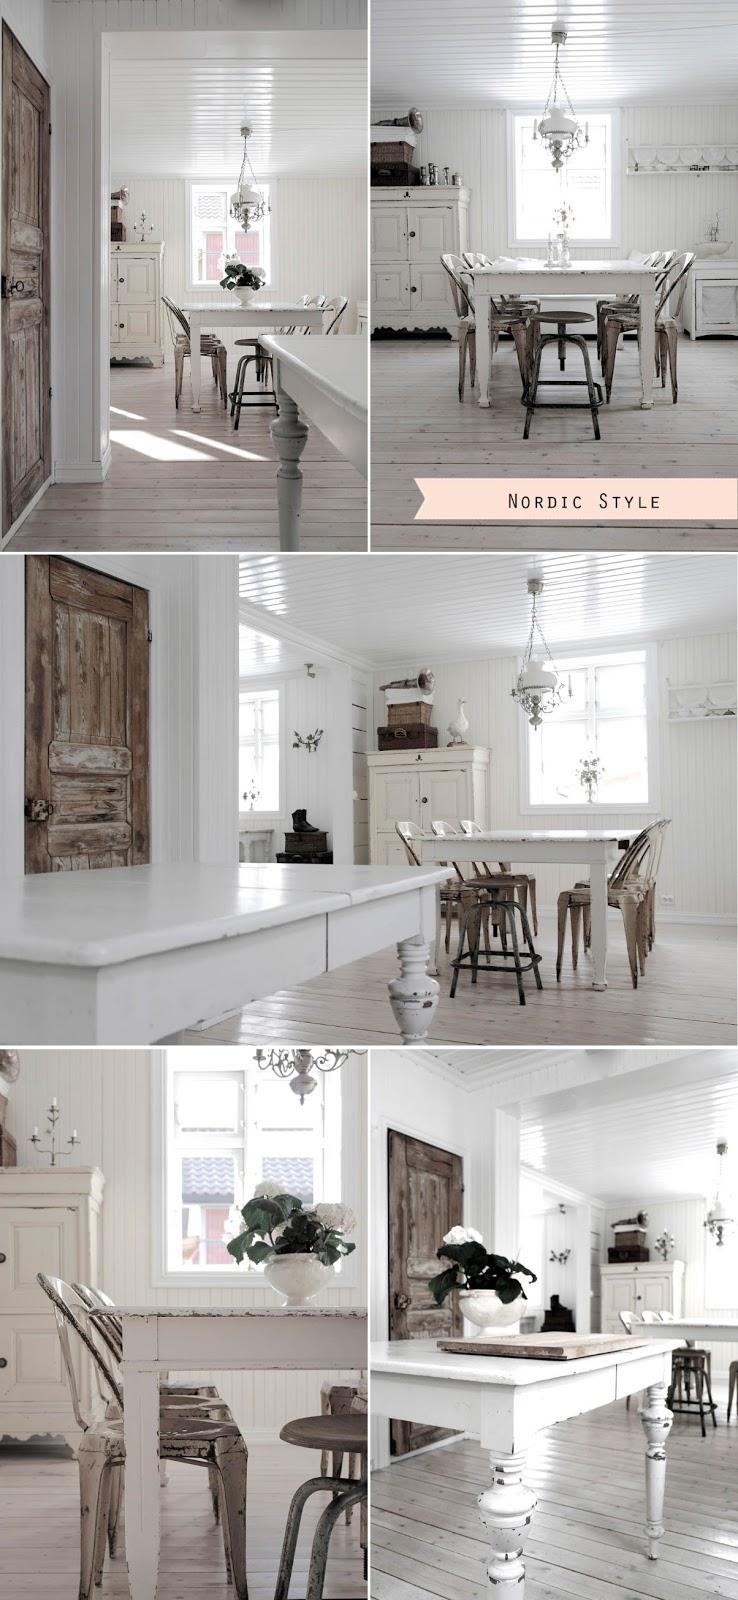 Stile nordico vs stile industriale shabby chic interiors for Arredamento shabby chic torino